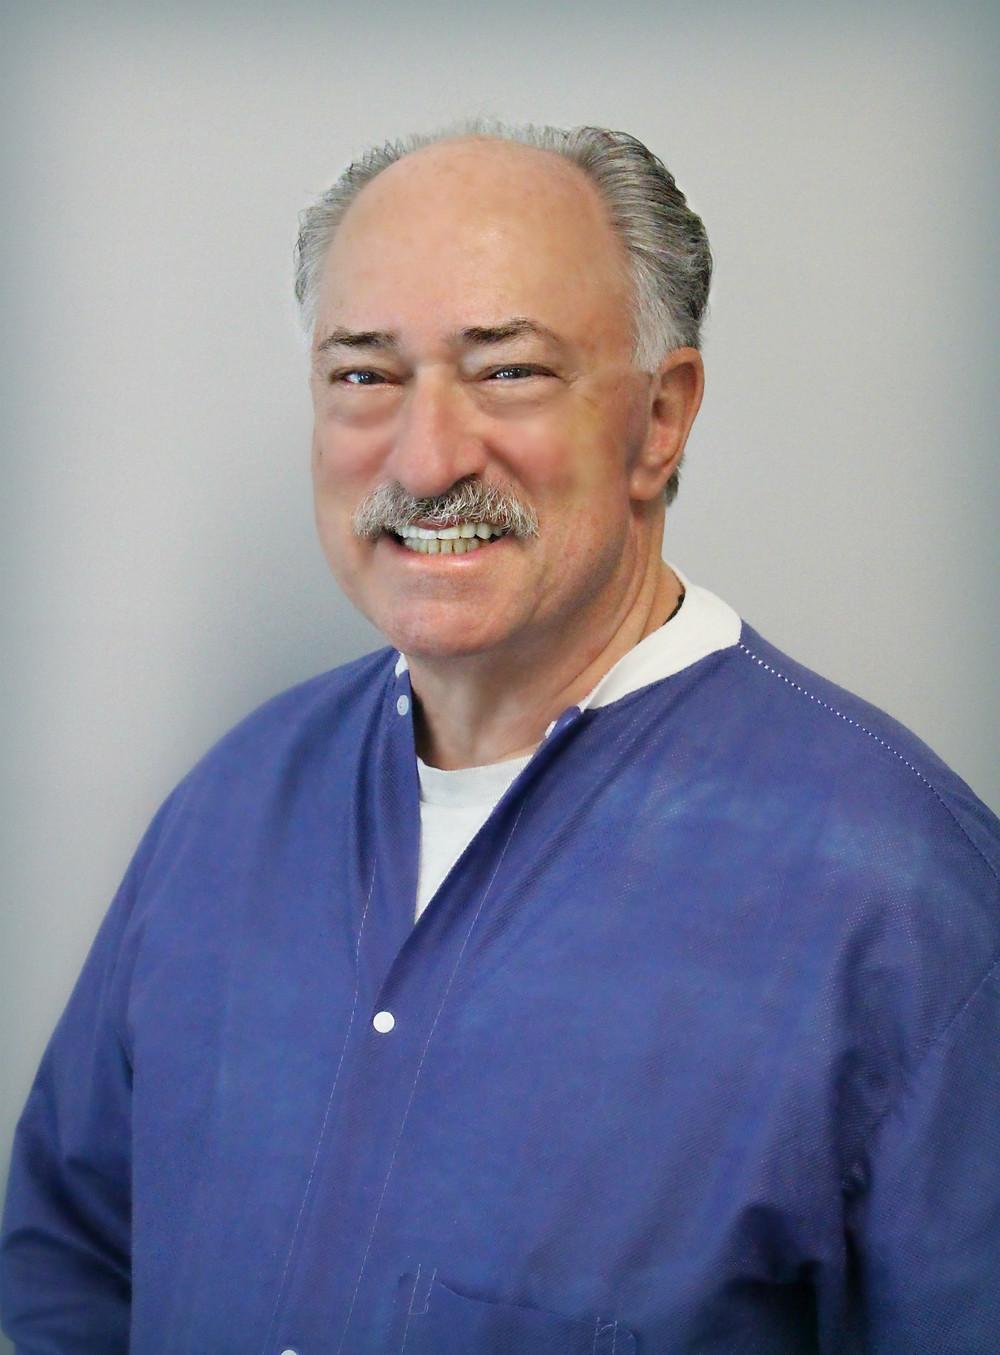 Dr. Douglas S. Fry, DDS